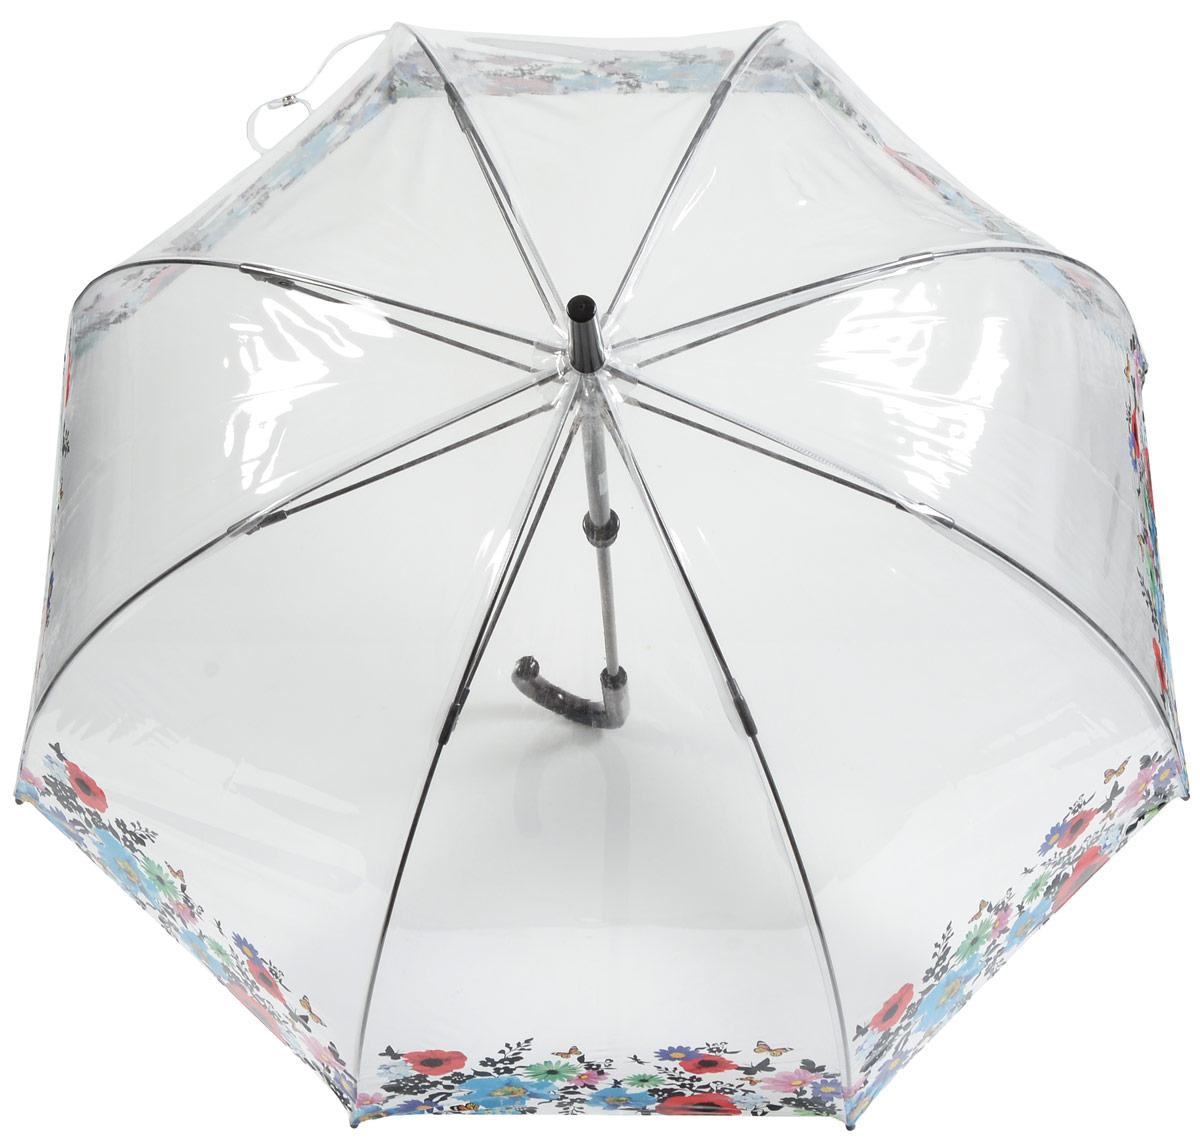 Зонт женский трость Fulton, расцветка: полевые расцветкаы. L042-3165 WildFlowersL042-3165 WildFlowersОбразец элегантности! Именно под таким зонтом ходит королева! Специальная безопасная и надежная технология открывания и закрывания. Модная форма купола. Прозрачный зонт отлично защищает от дождя, и при этом он абсолютно прозрачен. Прочный ветроустойчивый каркас из фибергласса. Длина в сложенном виде 94 см, диаметр купола 89 см